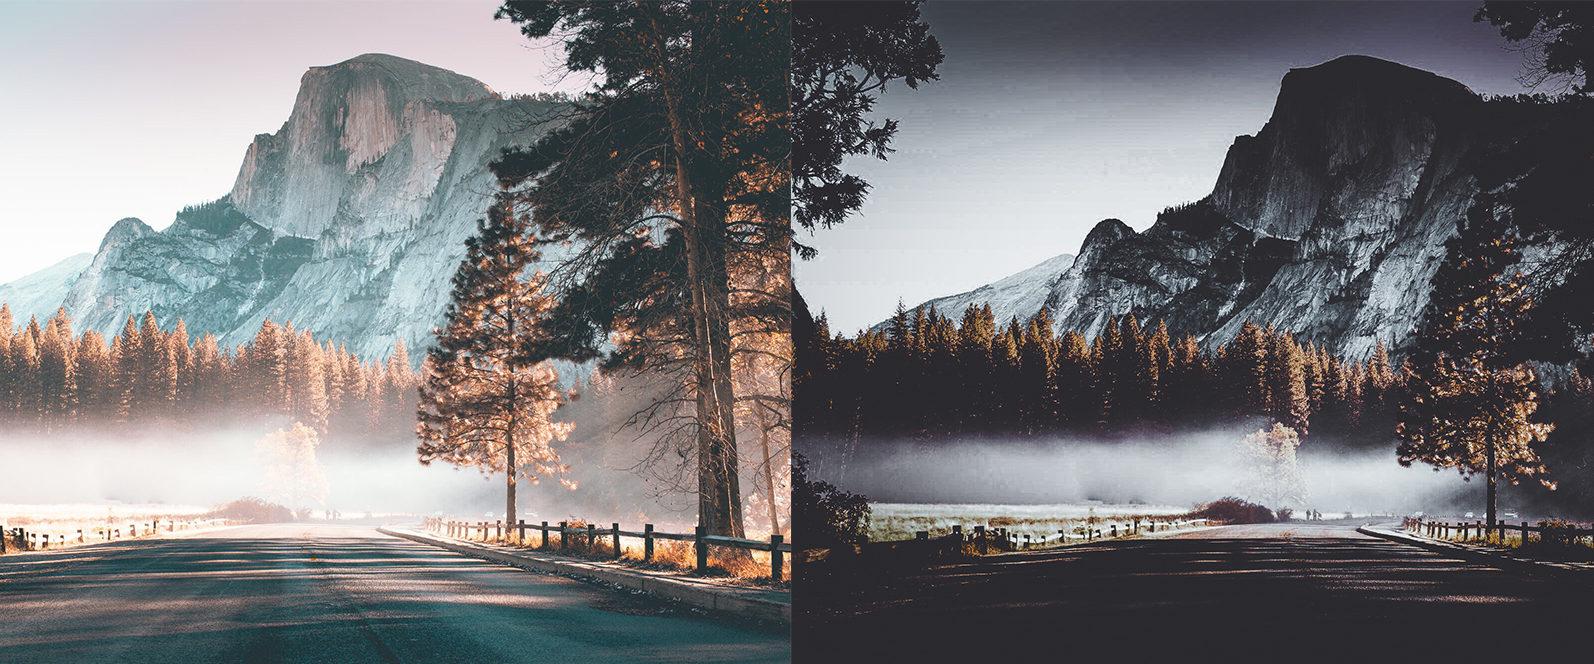 10 x Moody Landscape Lightroom Presets, Travel Presets | Mobile and Desktop - 10 Moody Landscapes 1 -